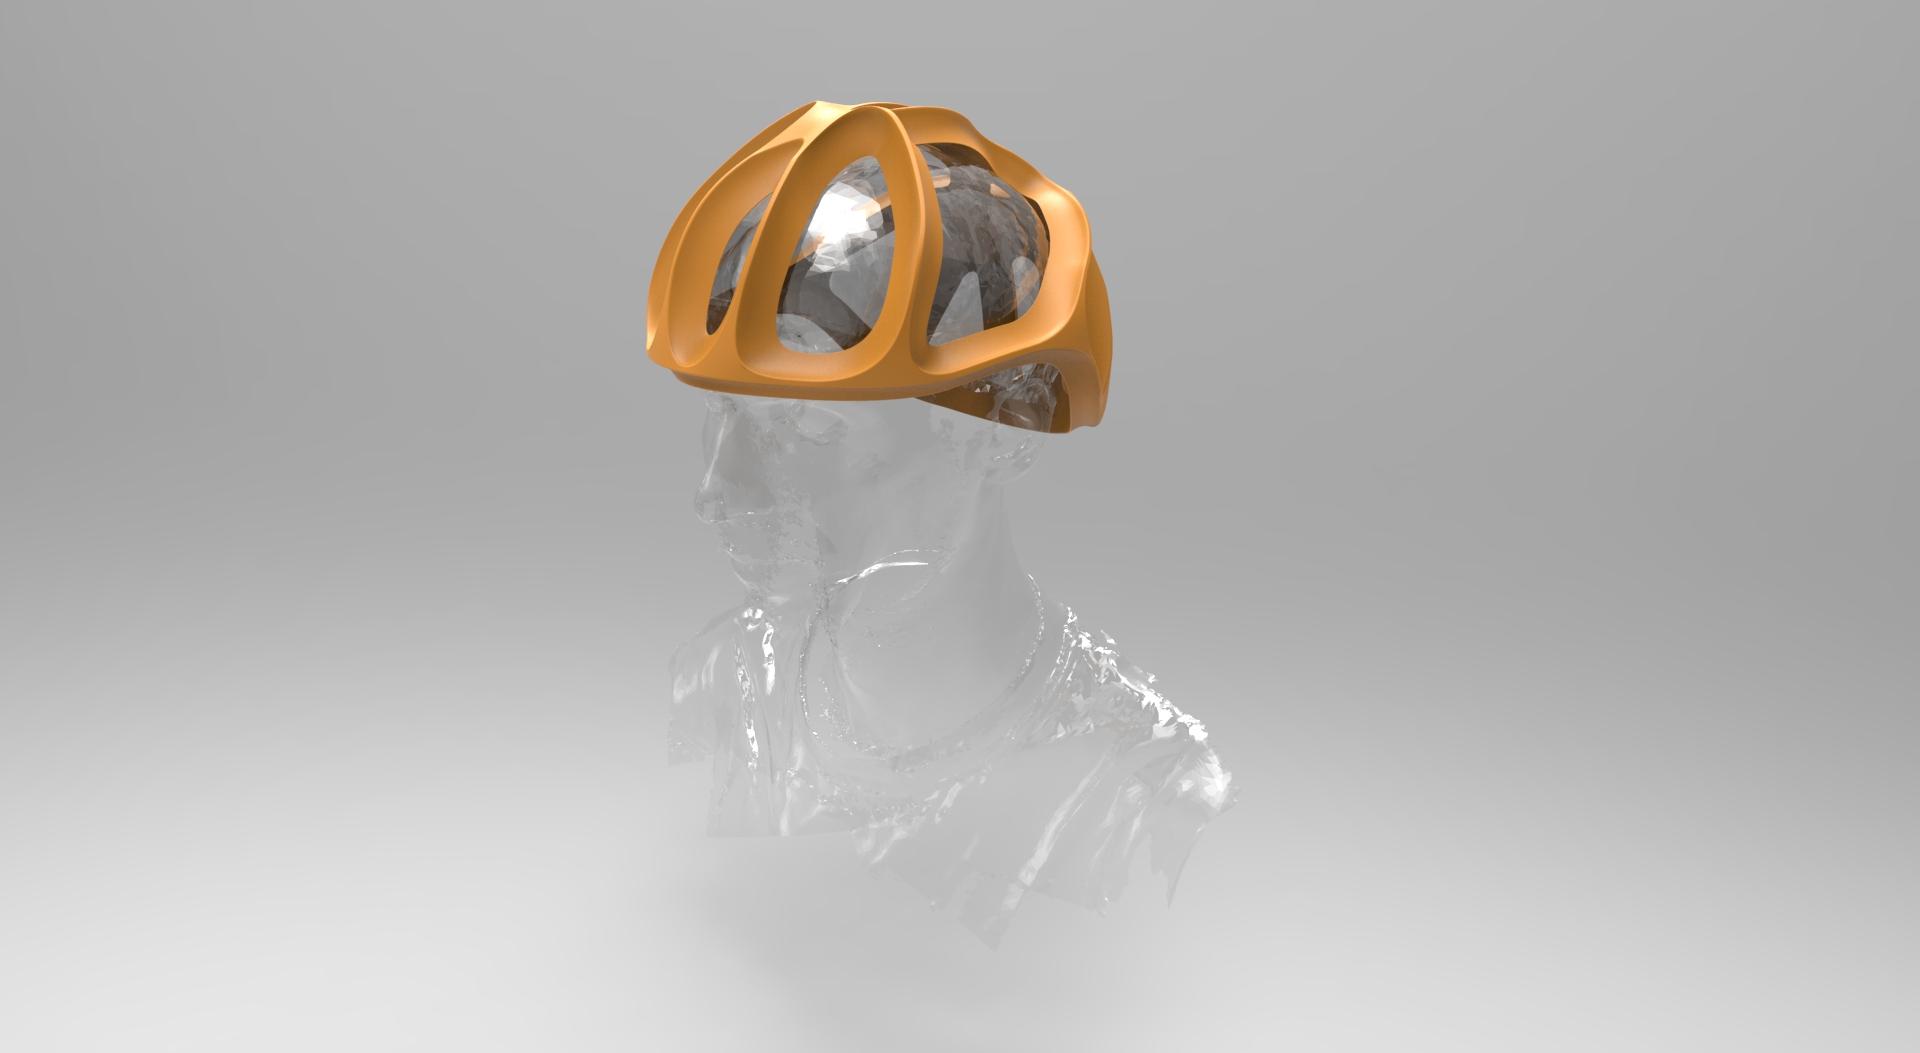 161127_ronnyhaberer_helmet_008